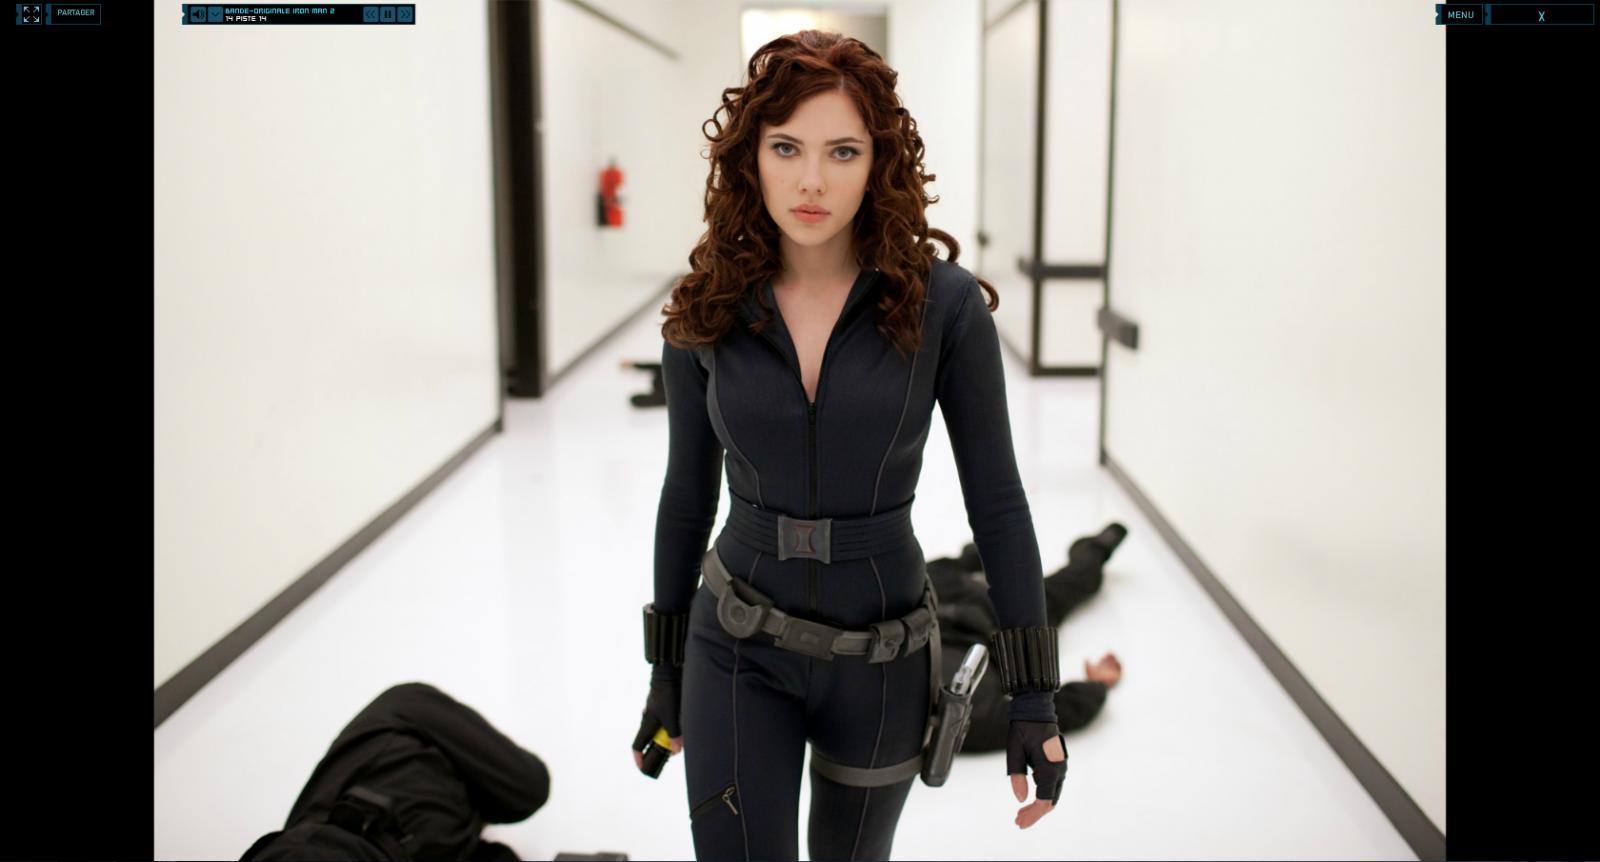 Wallpaper Iron Man 2 Scarlett Johansson Iron Man